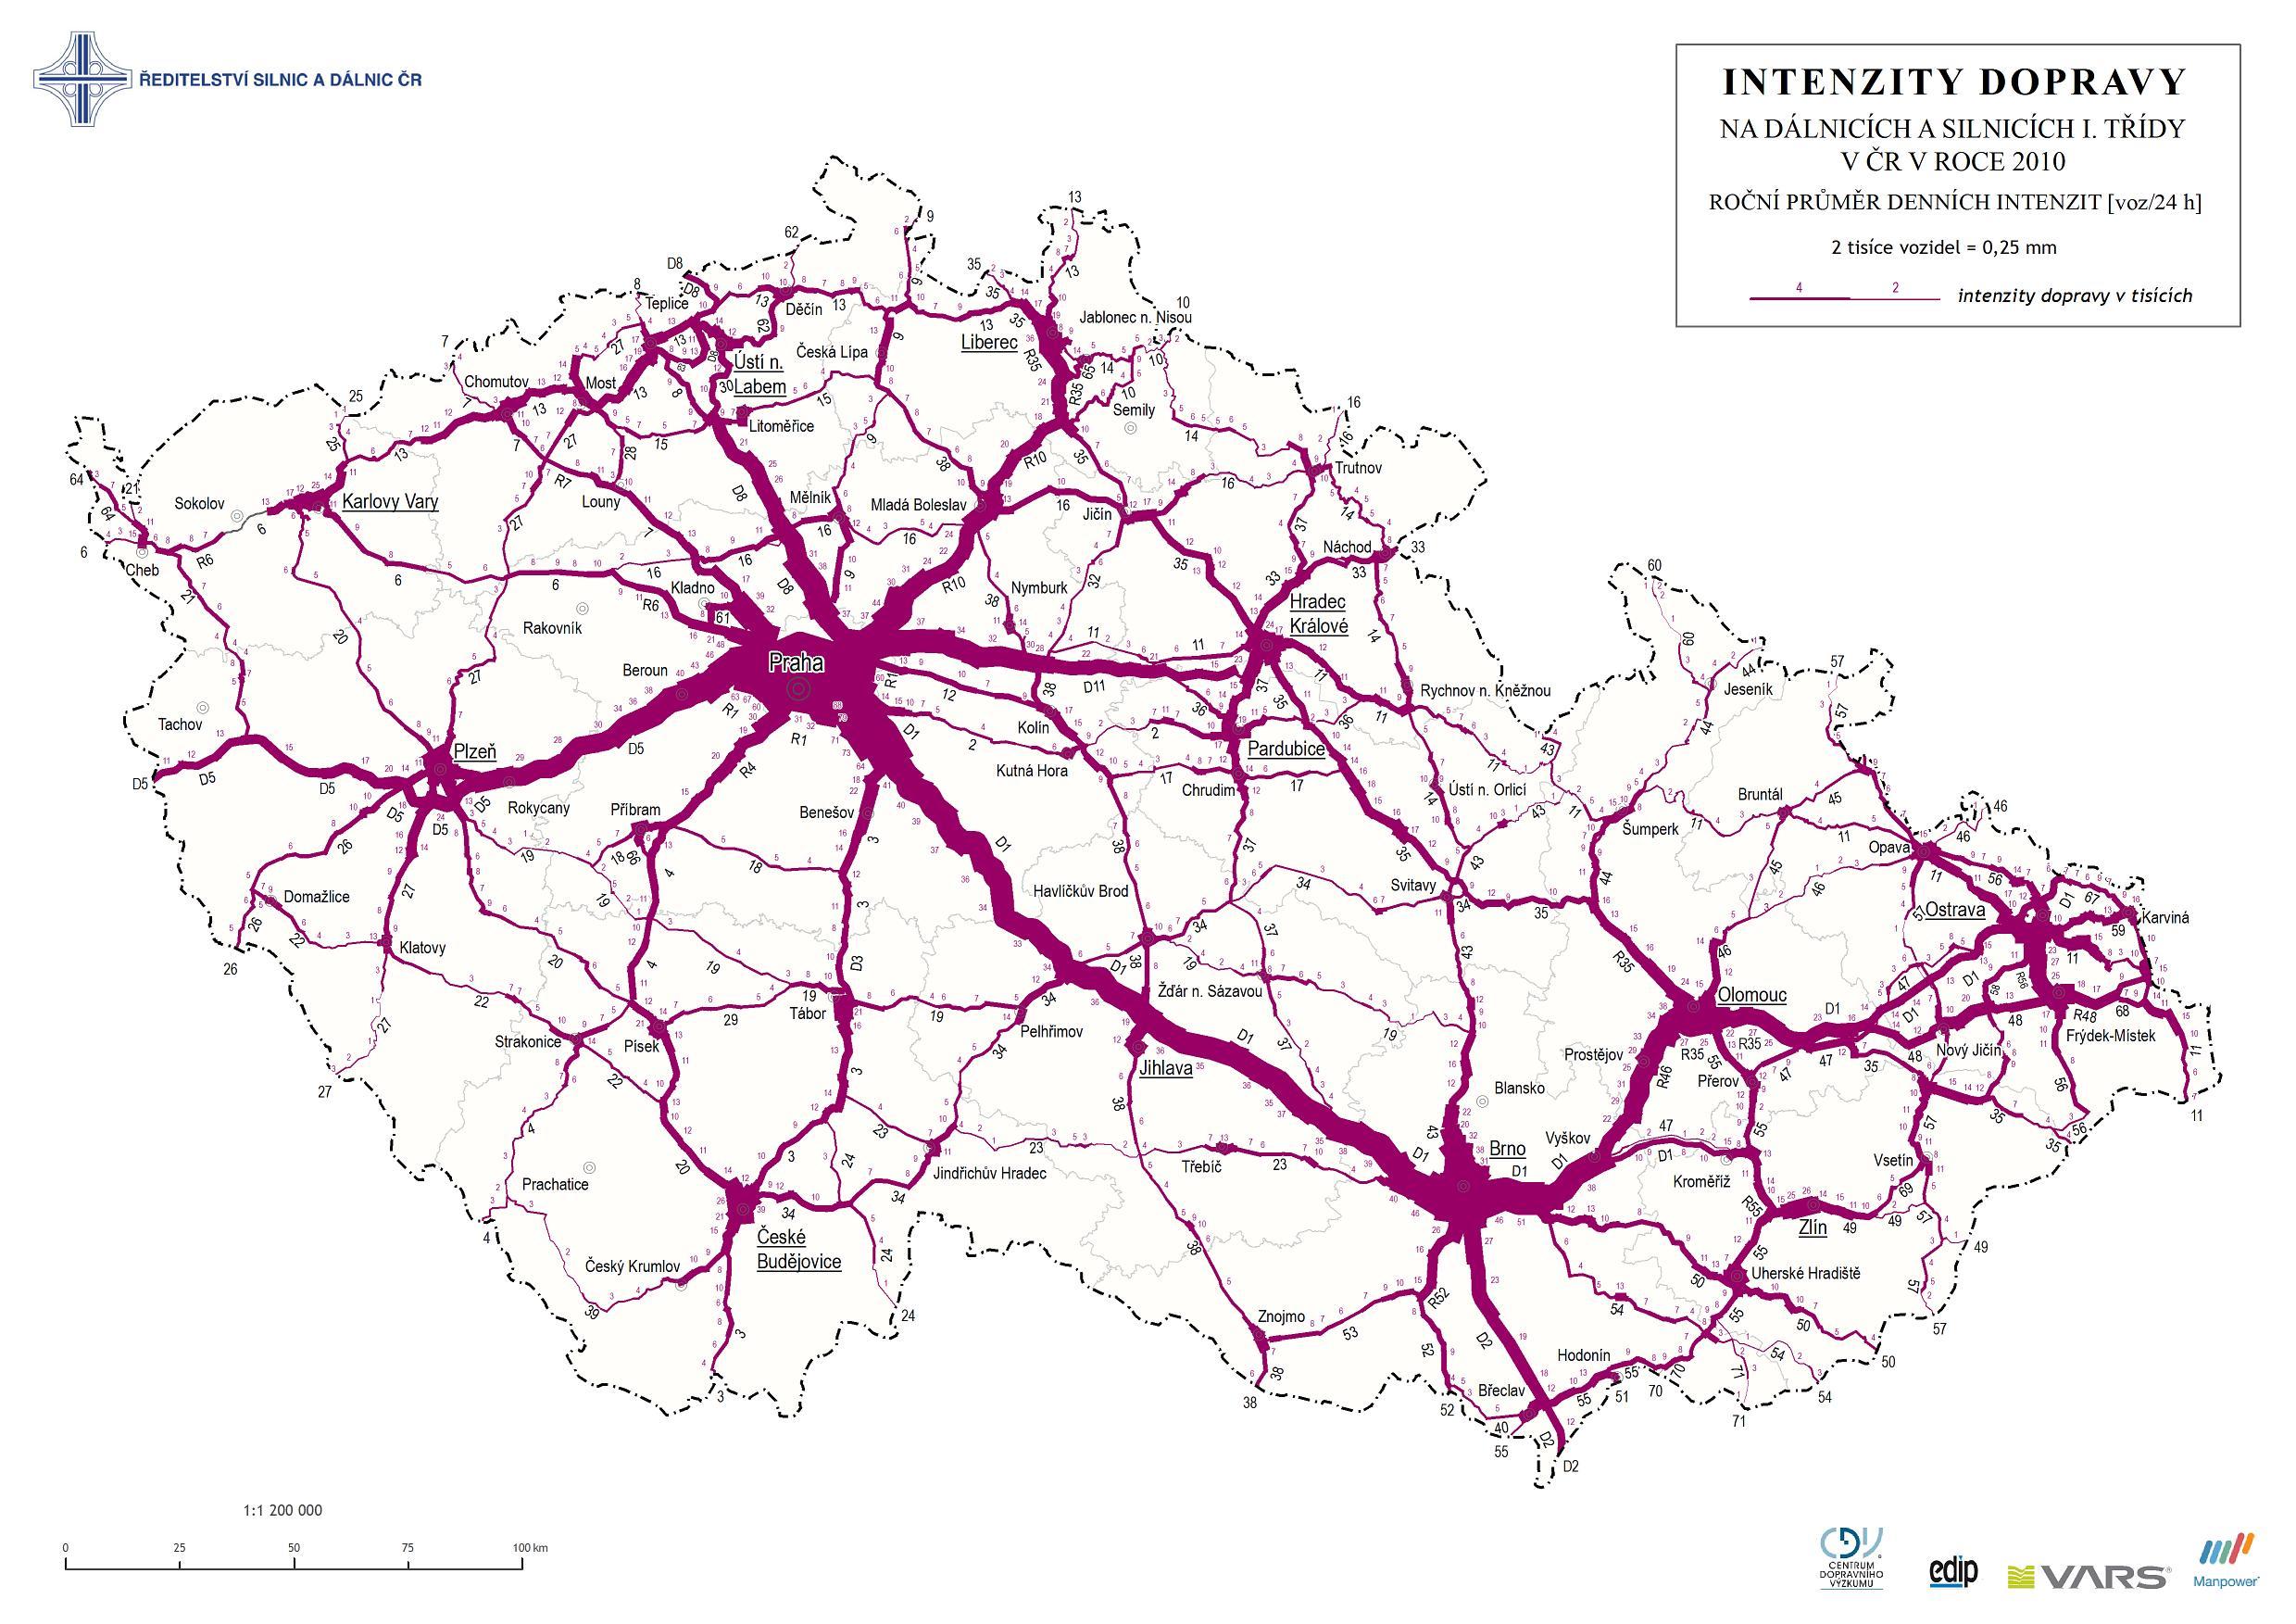 Ioda Informace O Doprave Analyzy Doprava Dopravni Statistika